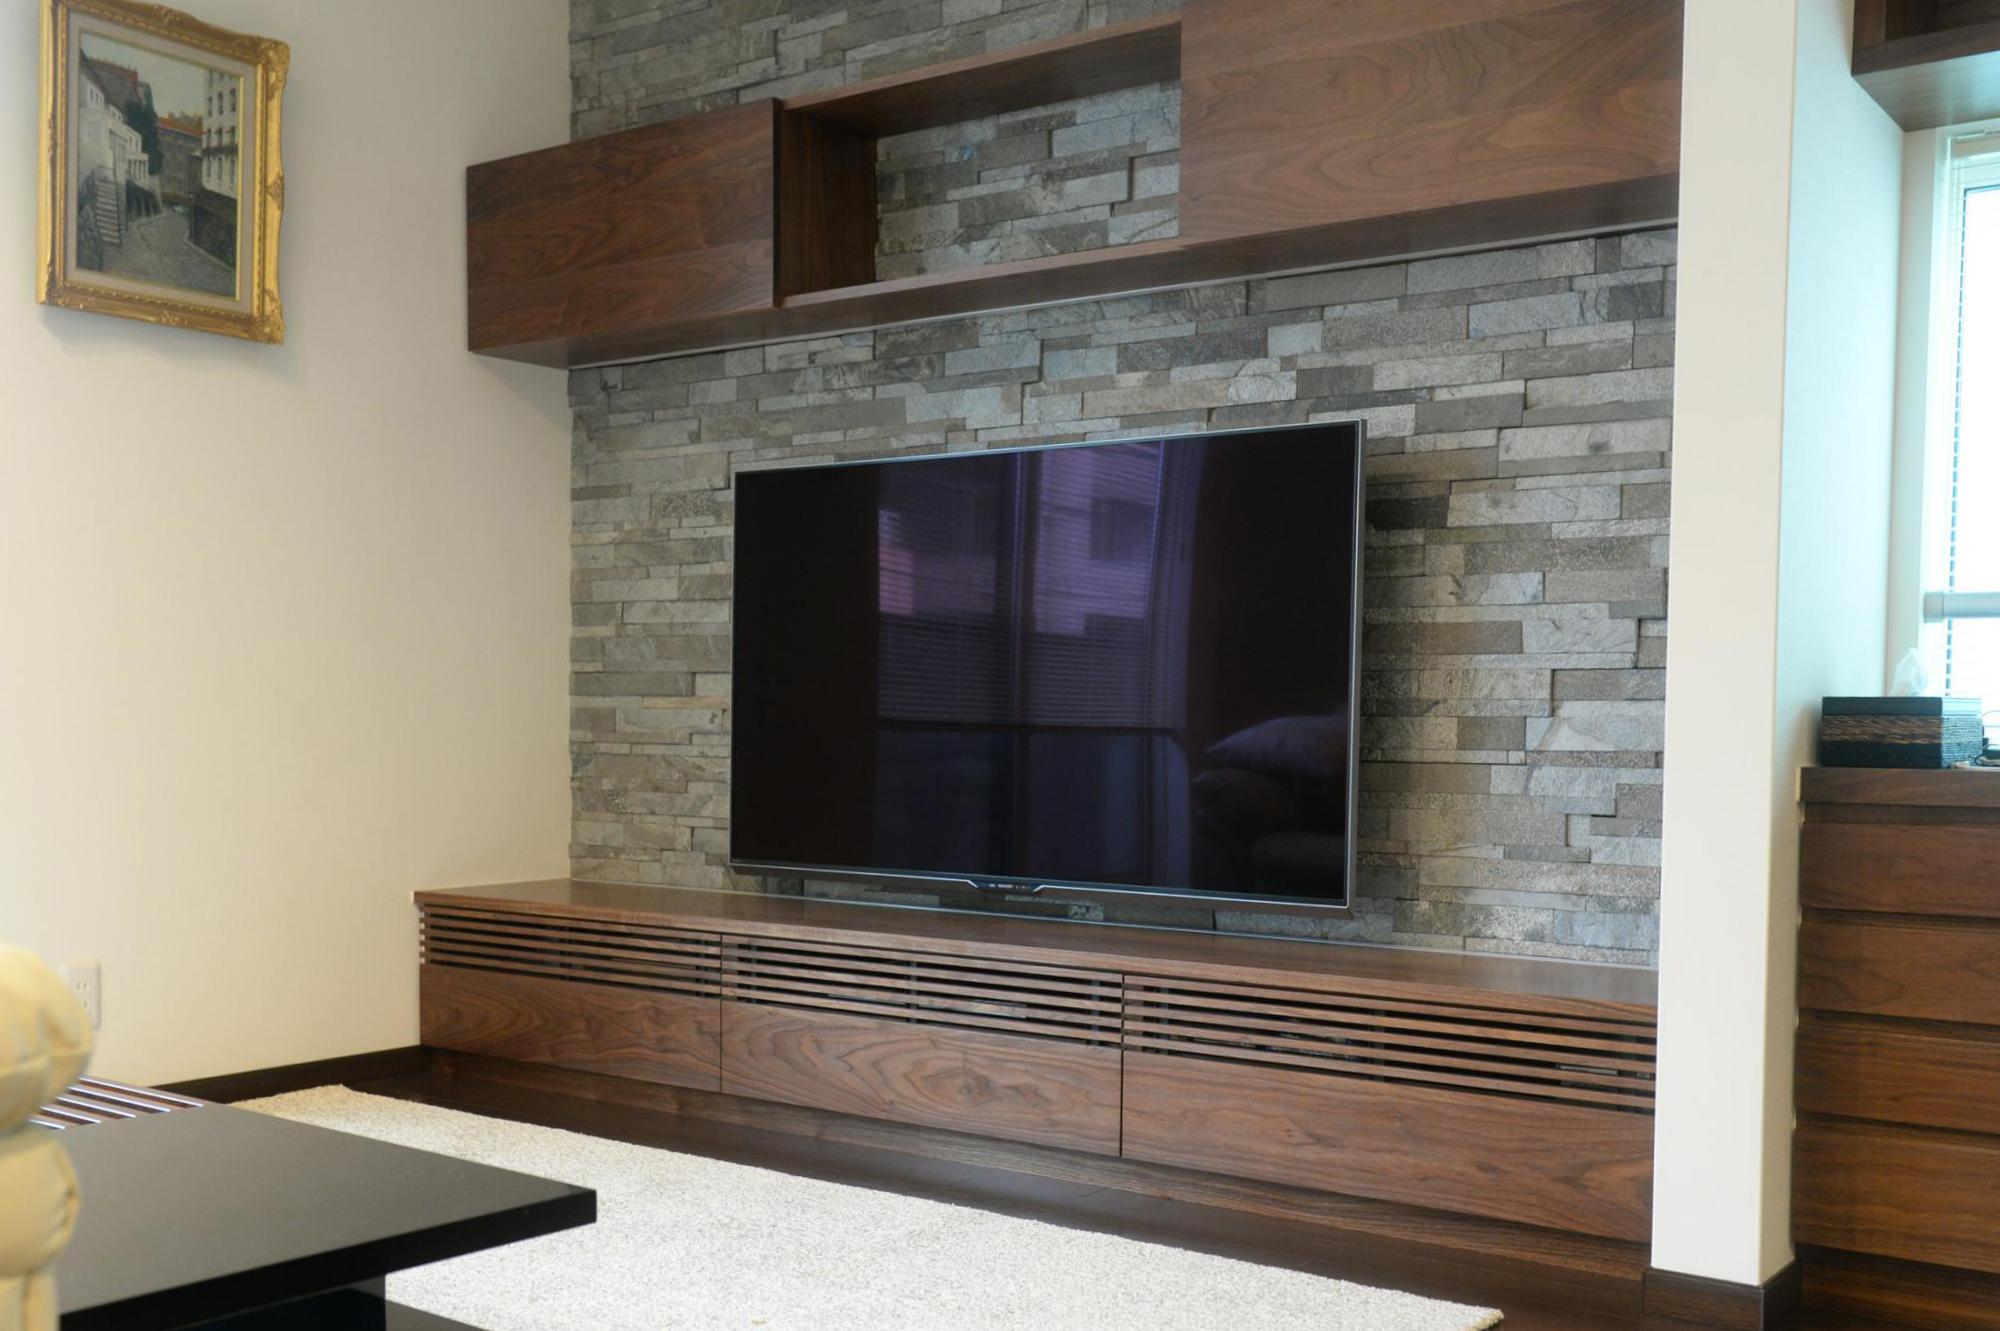 ウォールナット テレビボード オーダー家具